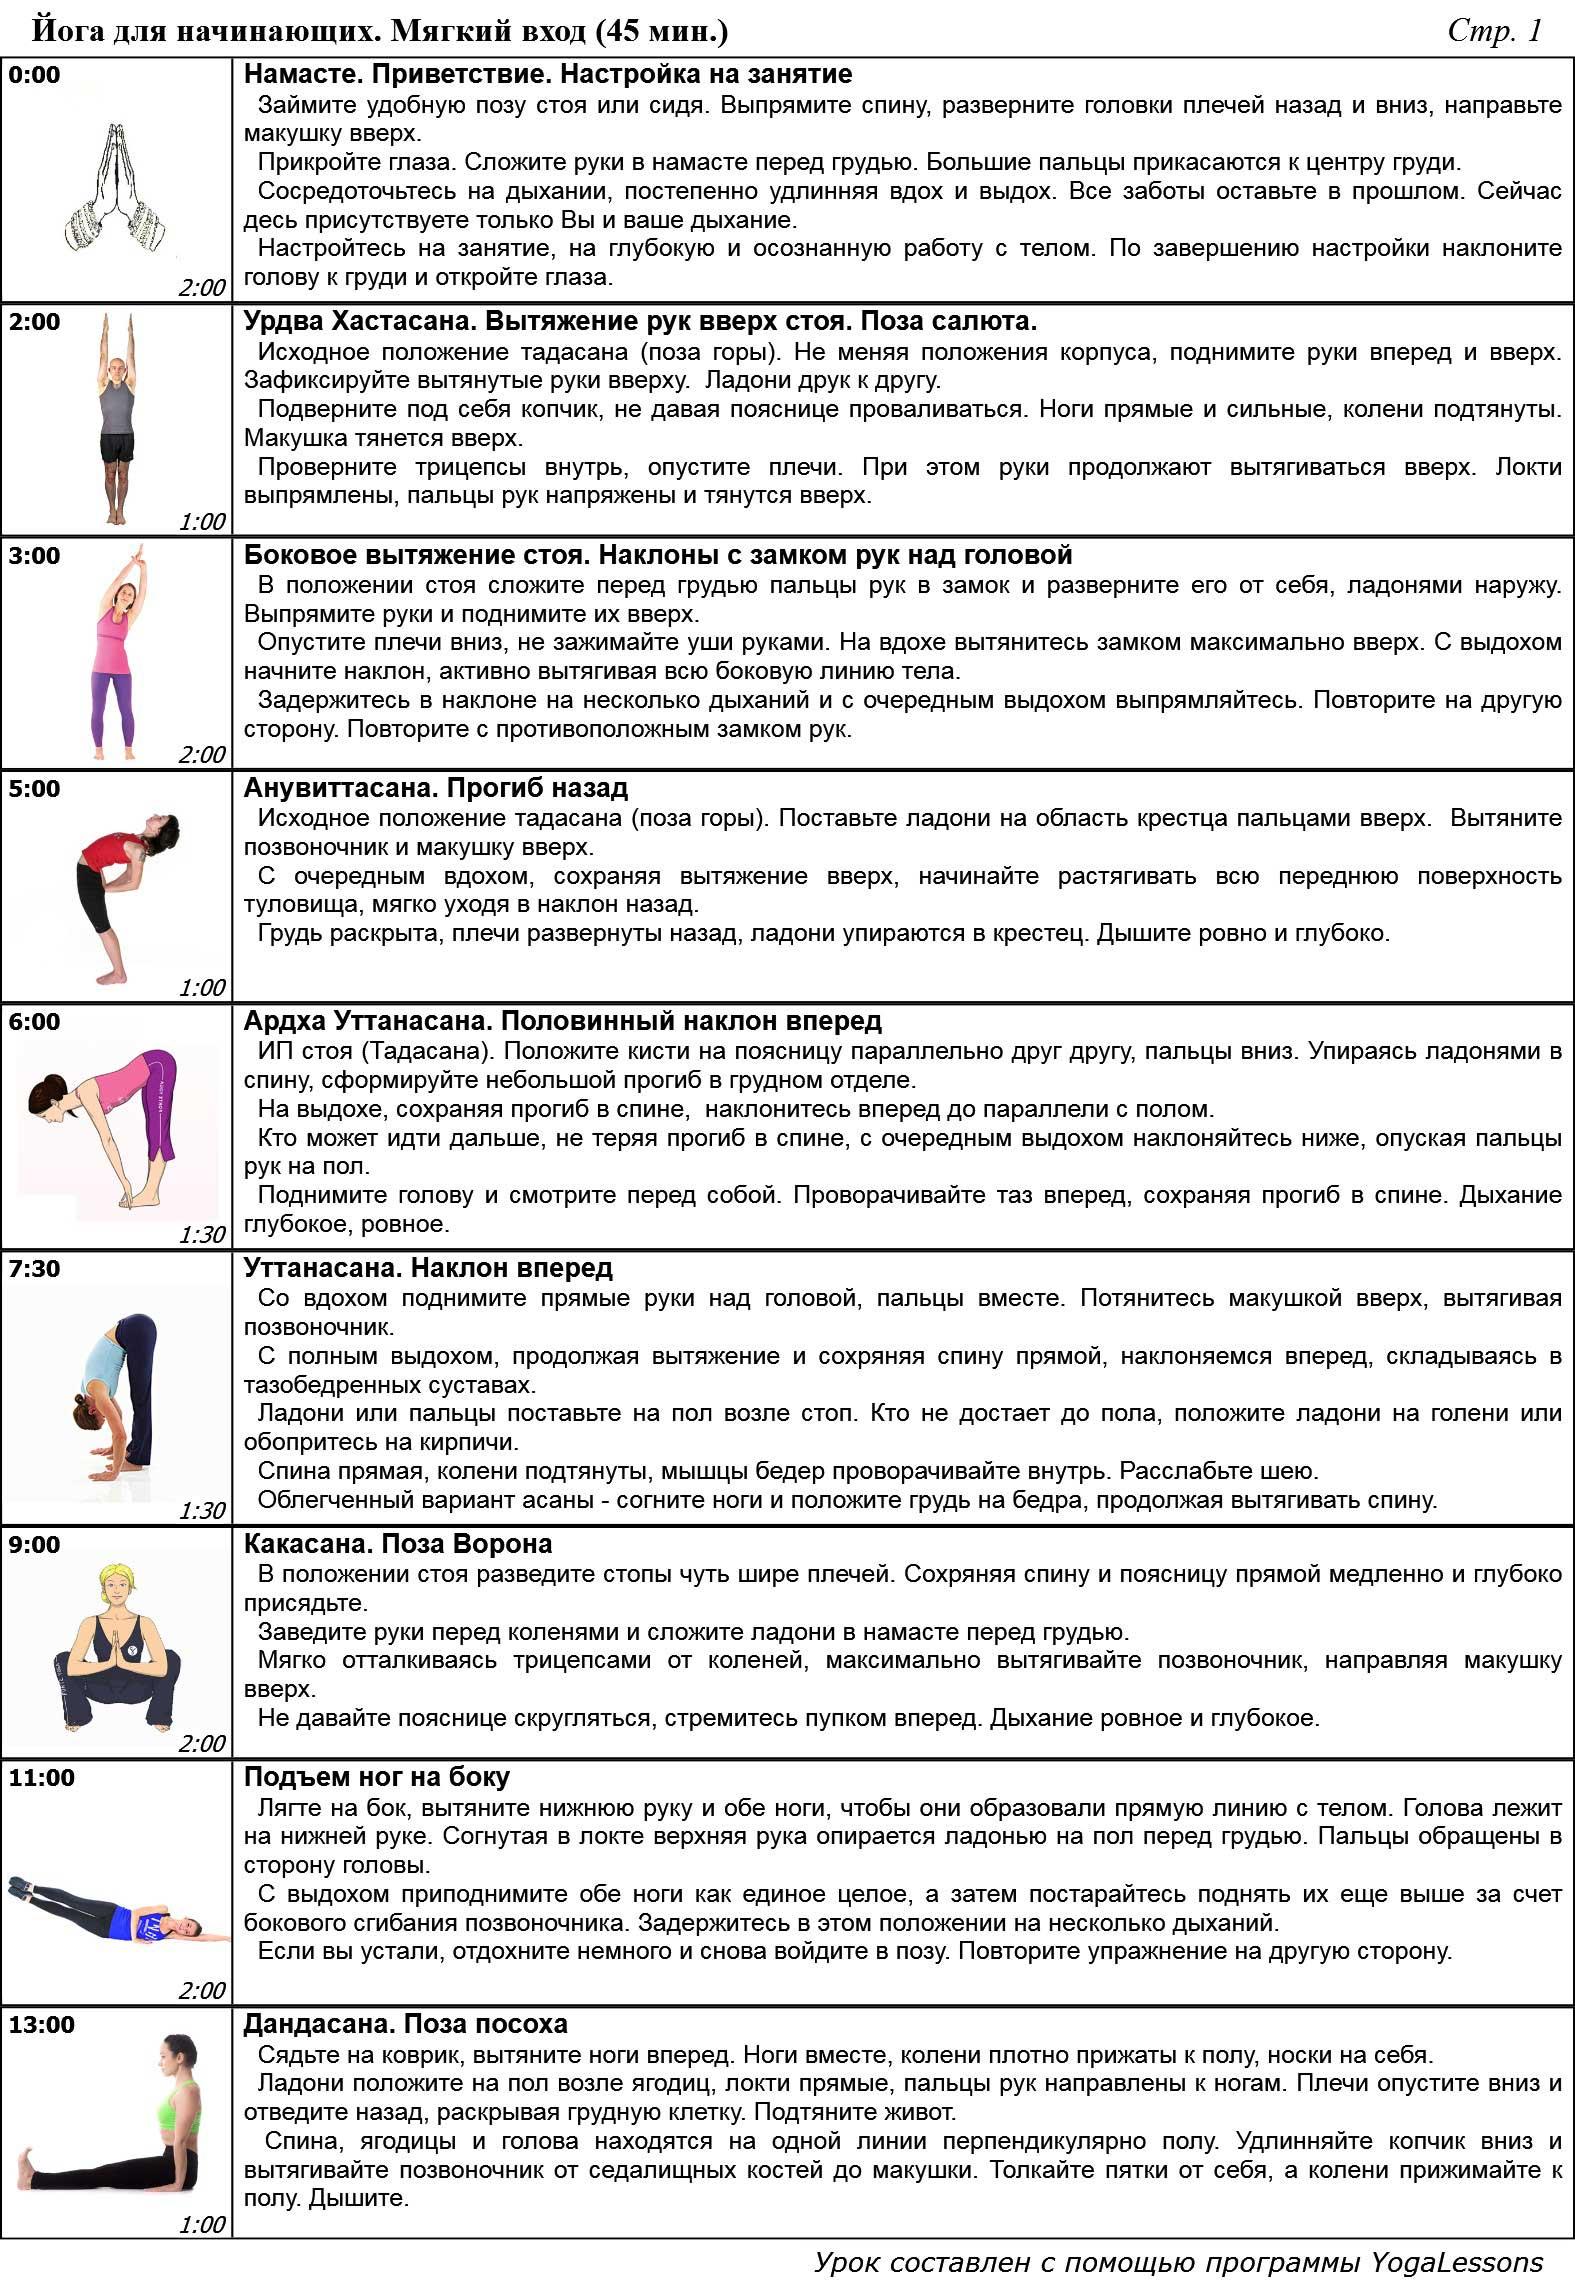 Йога Для Похудения Описание. Йога для похудения – лучшие упражнения, основные техники и интенсивность занятий (95 фото)